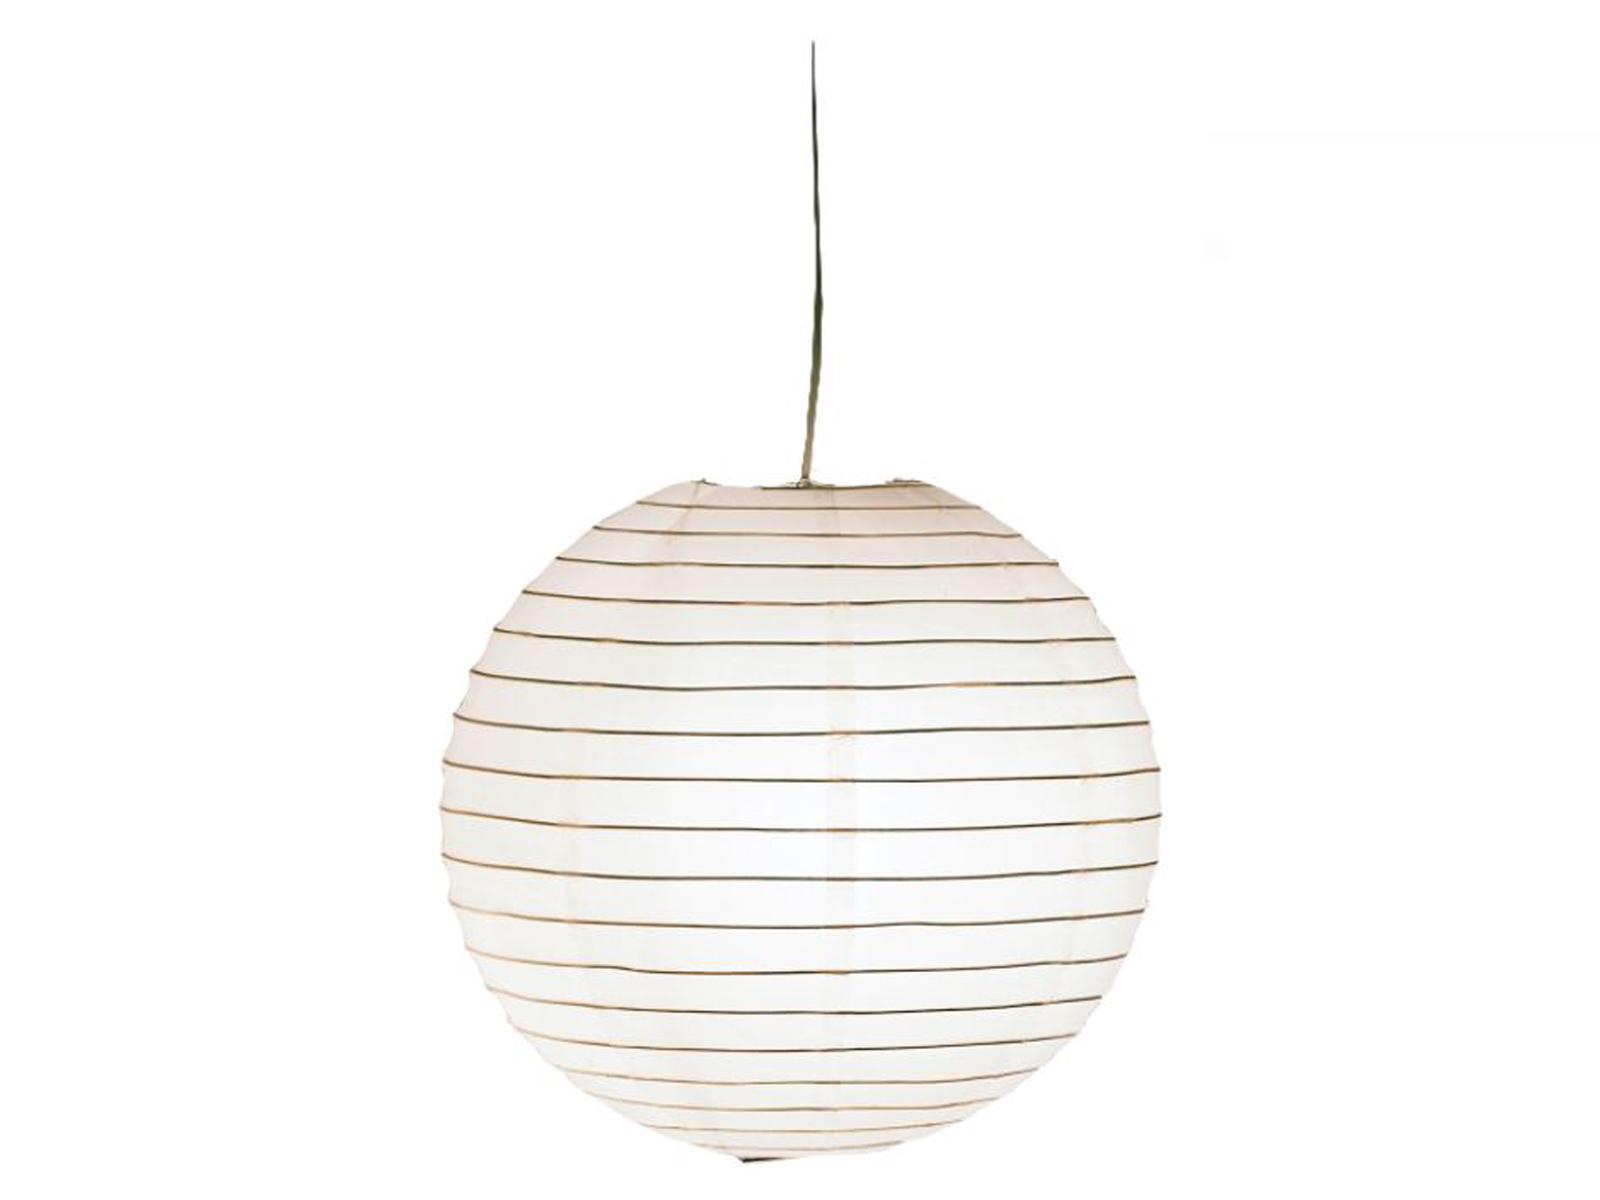 Trio Lampenschirm Design Japan-Kugel Papier grün Ø 40cm Lampion Pendelleuchte